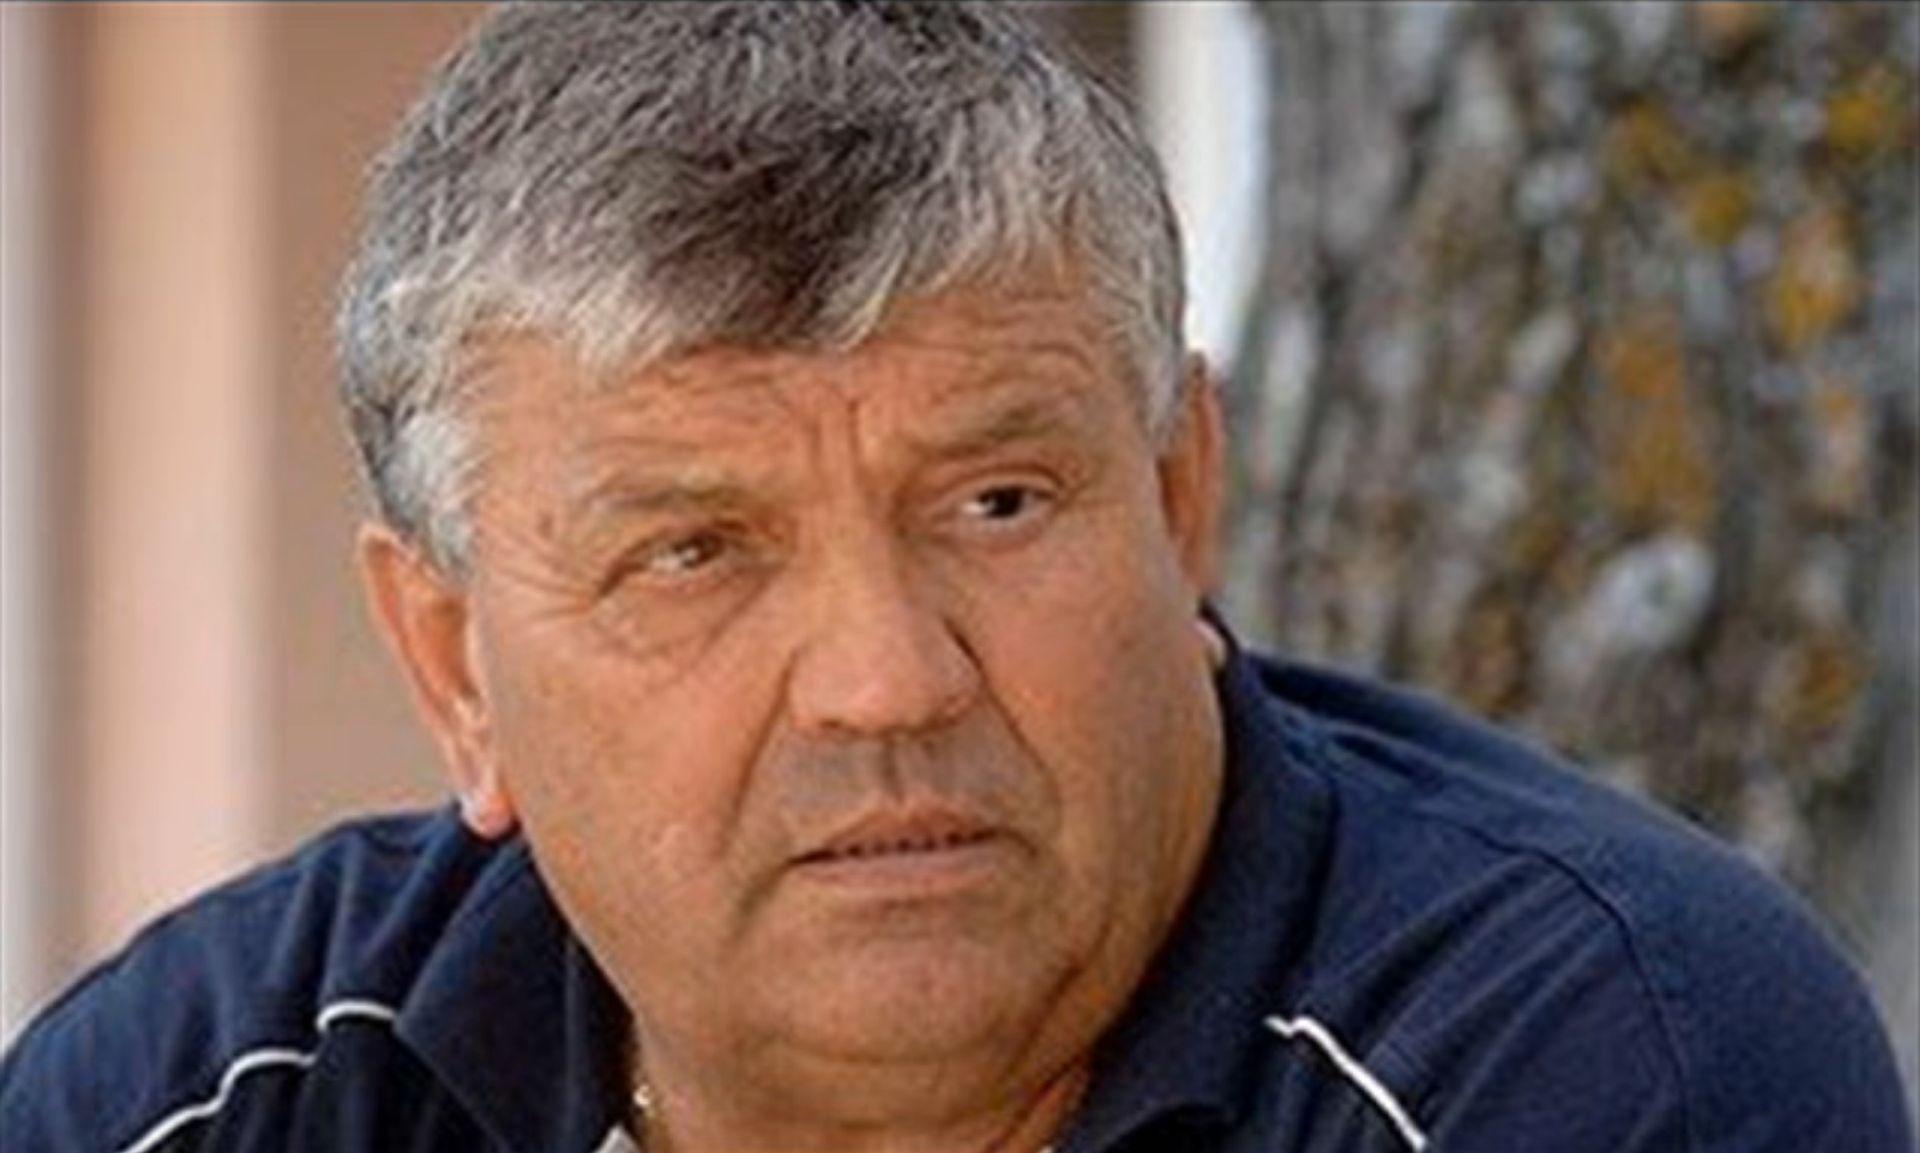 Mraović, silovatelj poznat po 'ličkom rukovanju', vratio se u HDZ